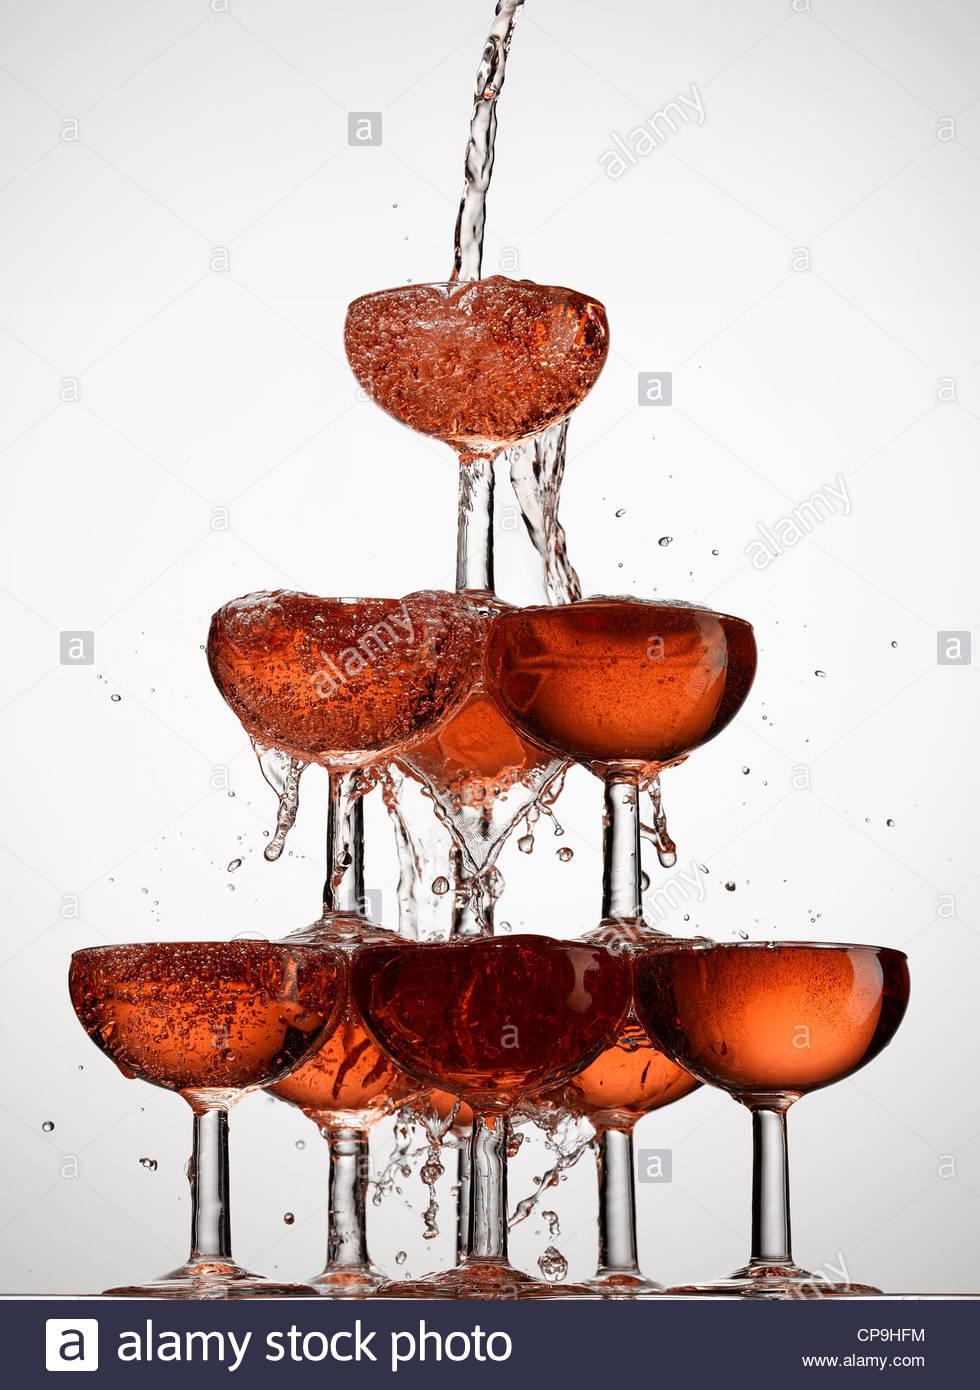 Fülle, Blase, Feier, Champagner, Champagner-Glas, Farbbild, Konzept, Energie, Überschuss, Überschwang, Stockbild